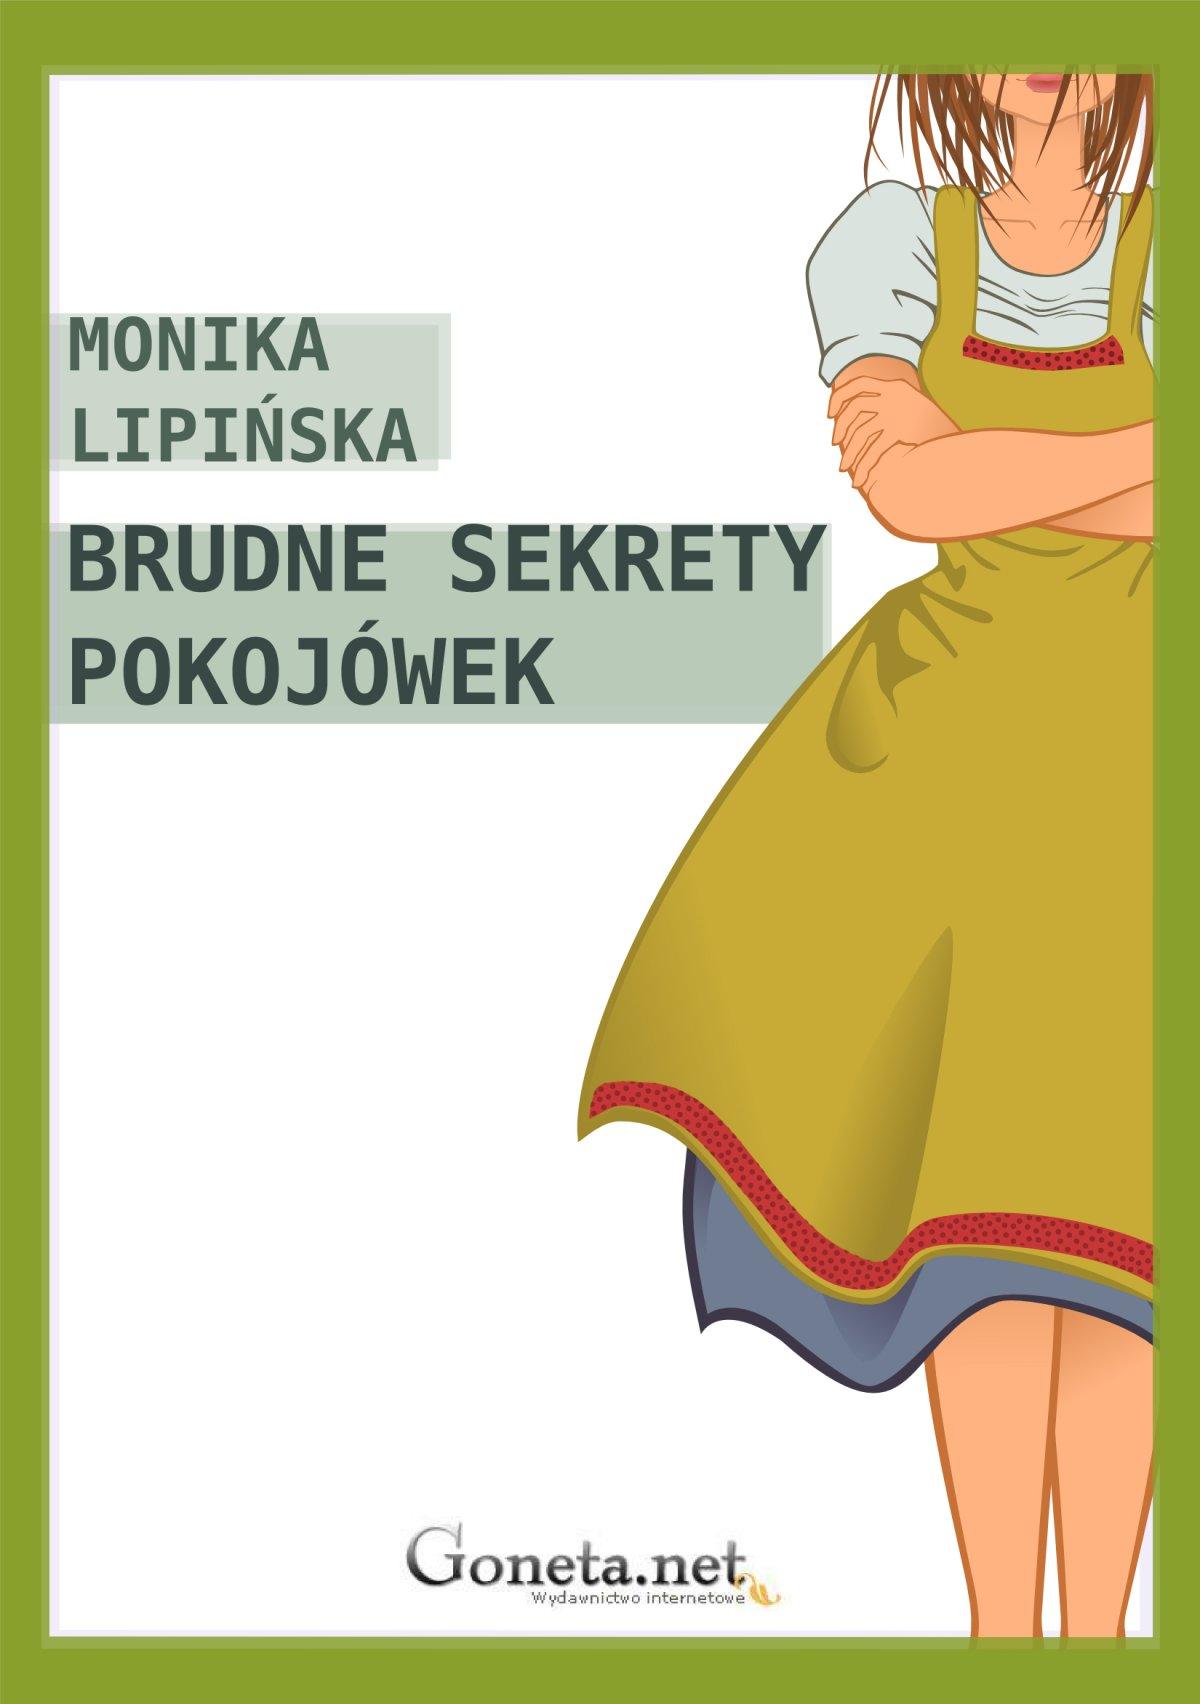 Brudne sekrety pokojówek - Ebook (Książka EPUB) do pobrania w formacie EPUB